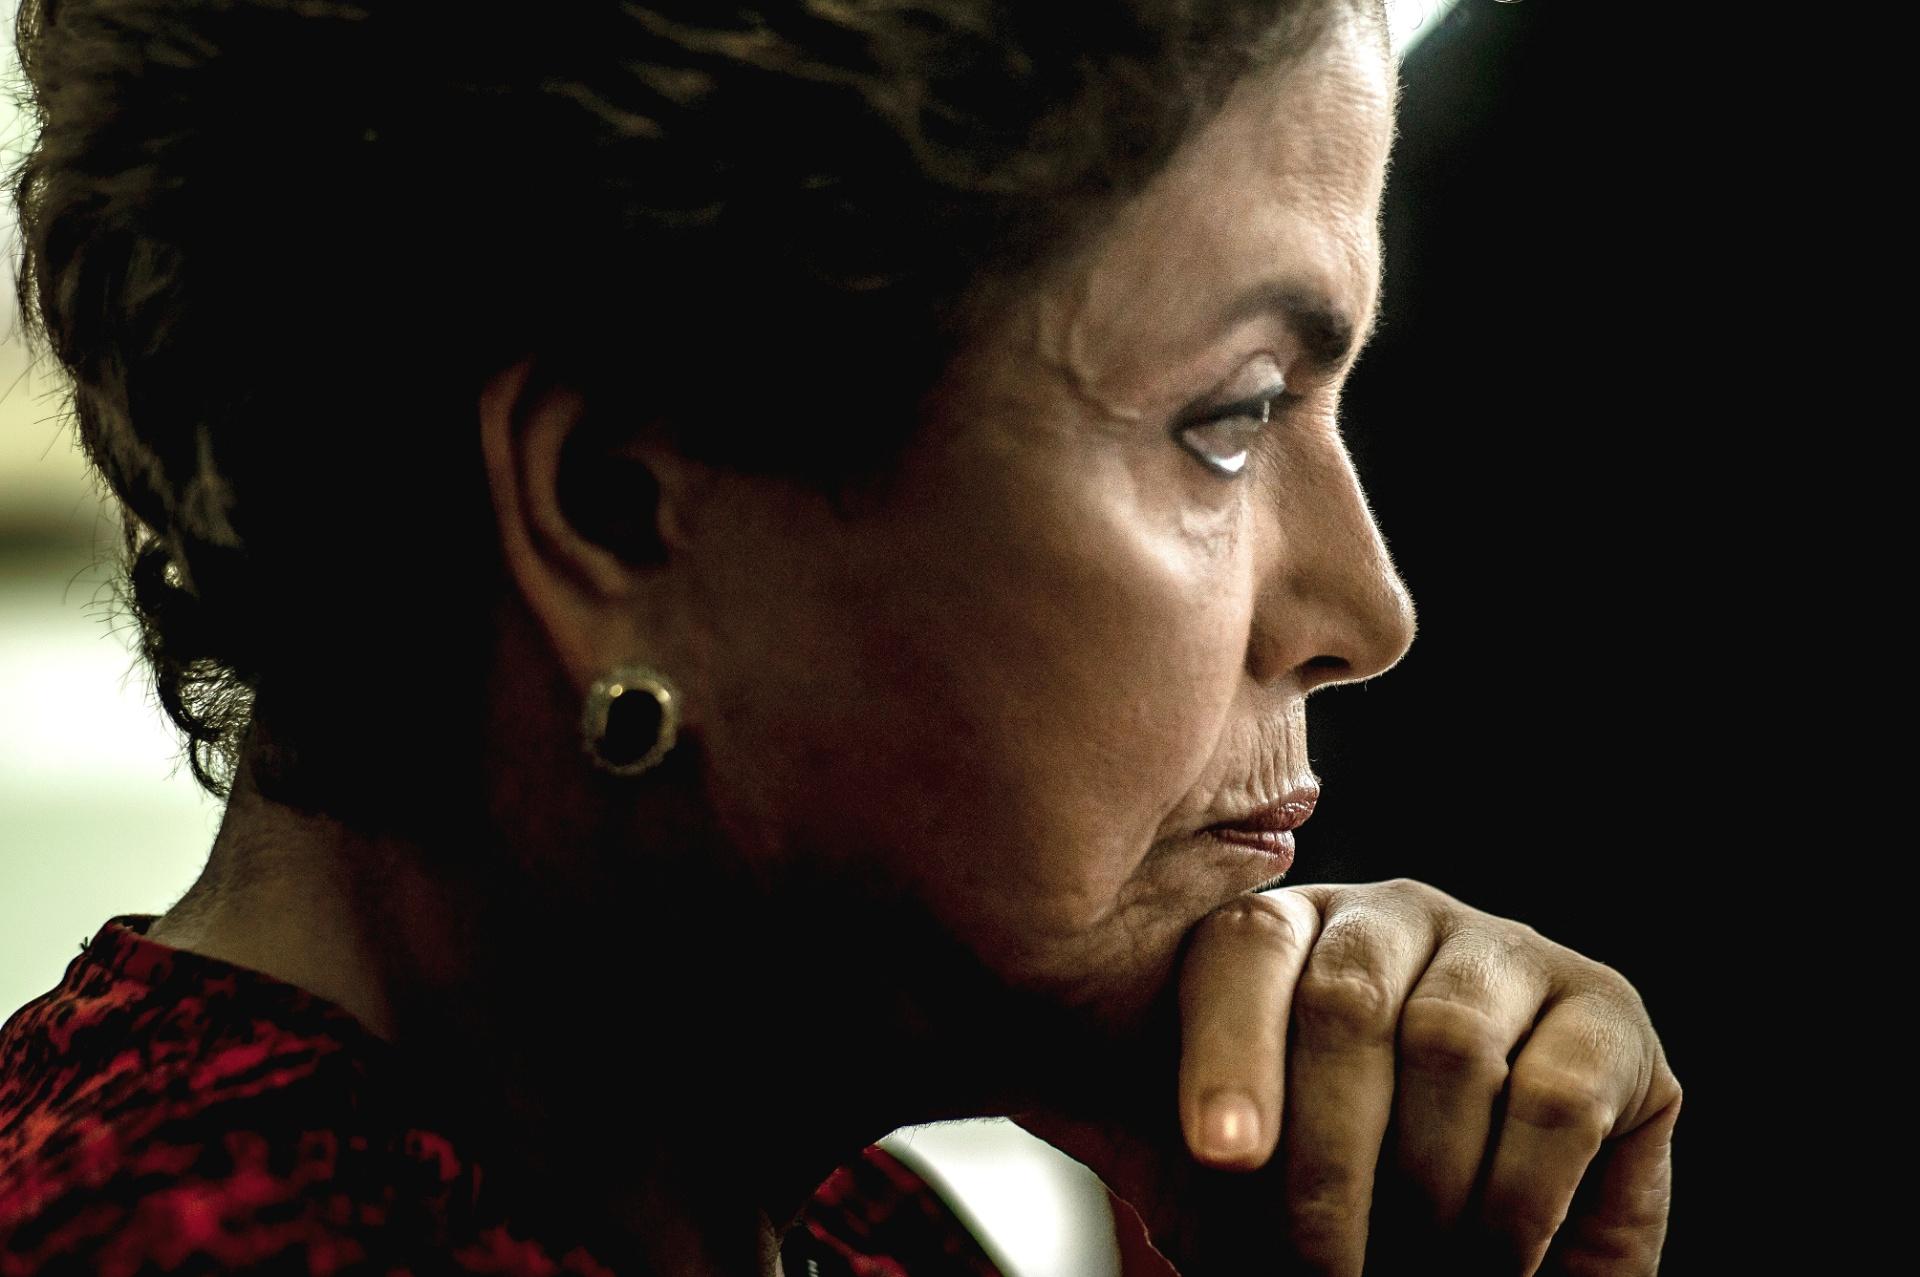 24.mar.2016 - A presidente Dilma Rousseff durante entrevista para jornais estrangeiros no gabinete da Presidência da República no Palácio do Planalto, em Brasília